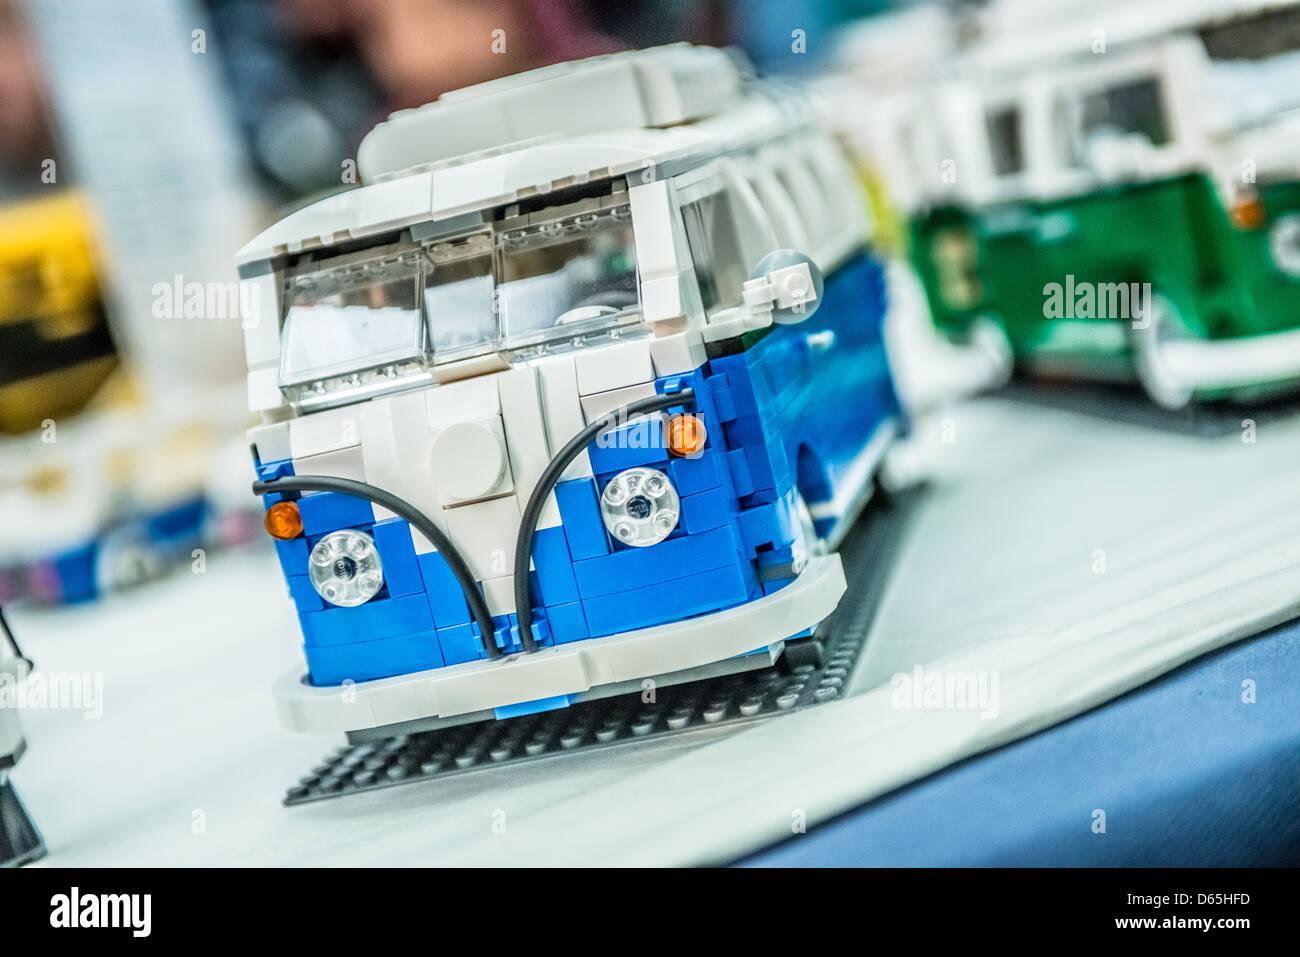 A Lego brick model of VW Camper Van - Stock Image